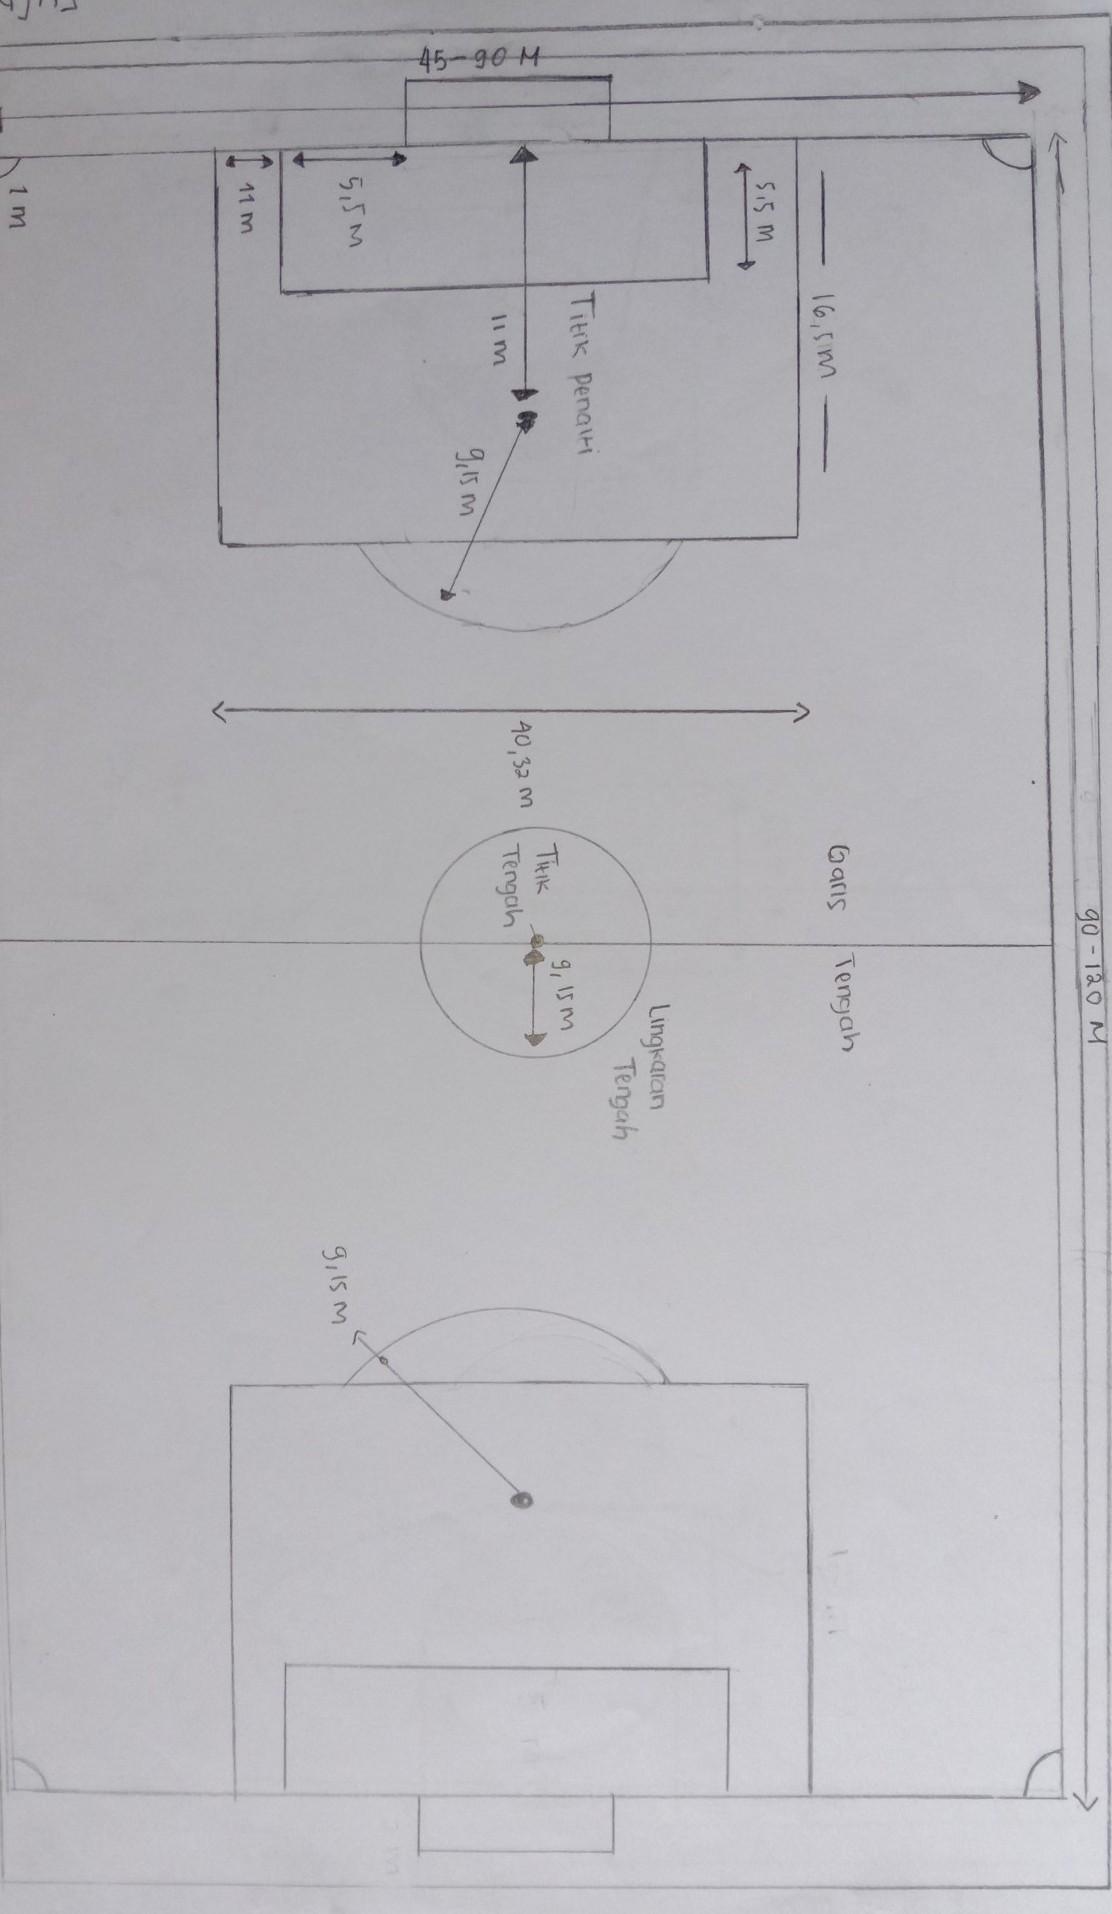 Tuliskan Dan Gambarkan Ukuran Lapangan Bola Voli Dan Sepak Bolaplis Tolong Dijawab Ya Besok Brainly Co Id